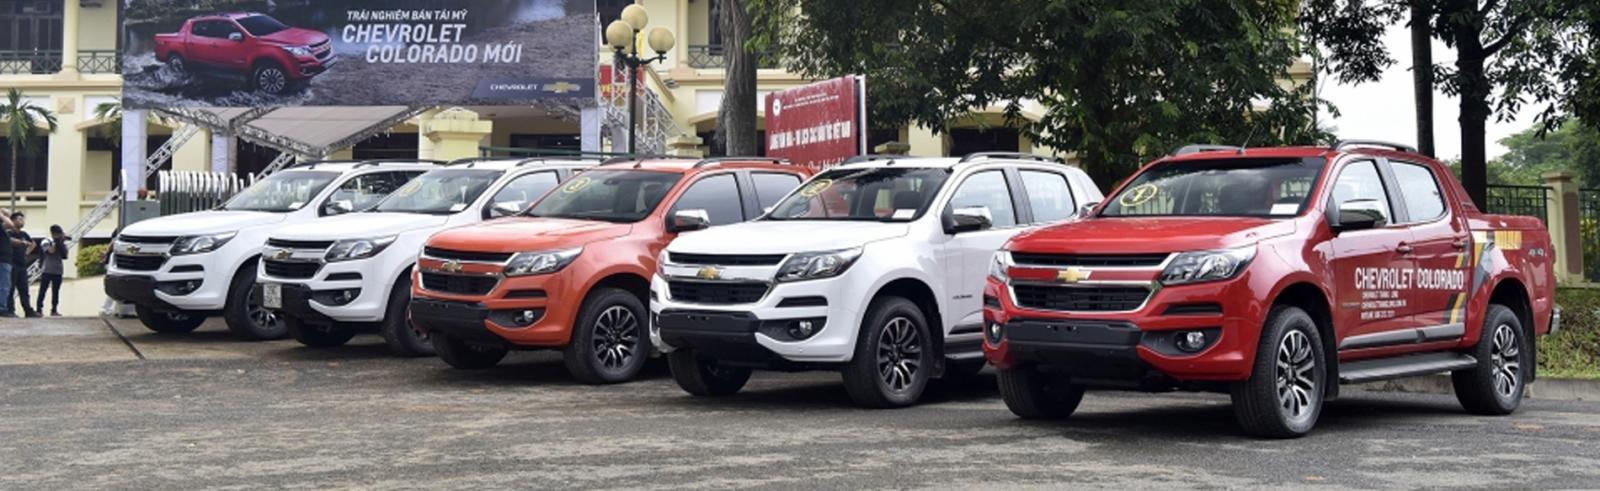 Chevrolet Colorado và Trailblazer giảm giá 30 triệu đồng trong tháng 12/2018 a1